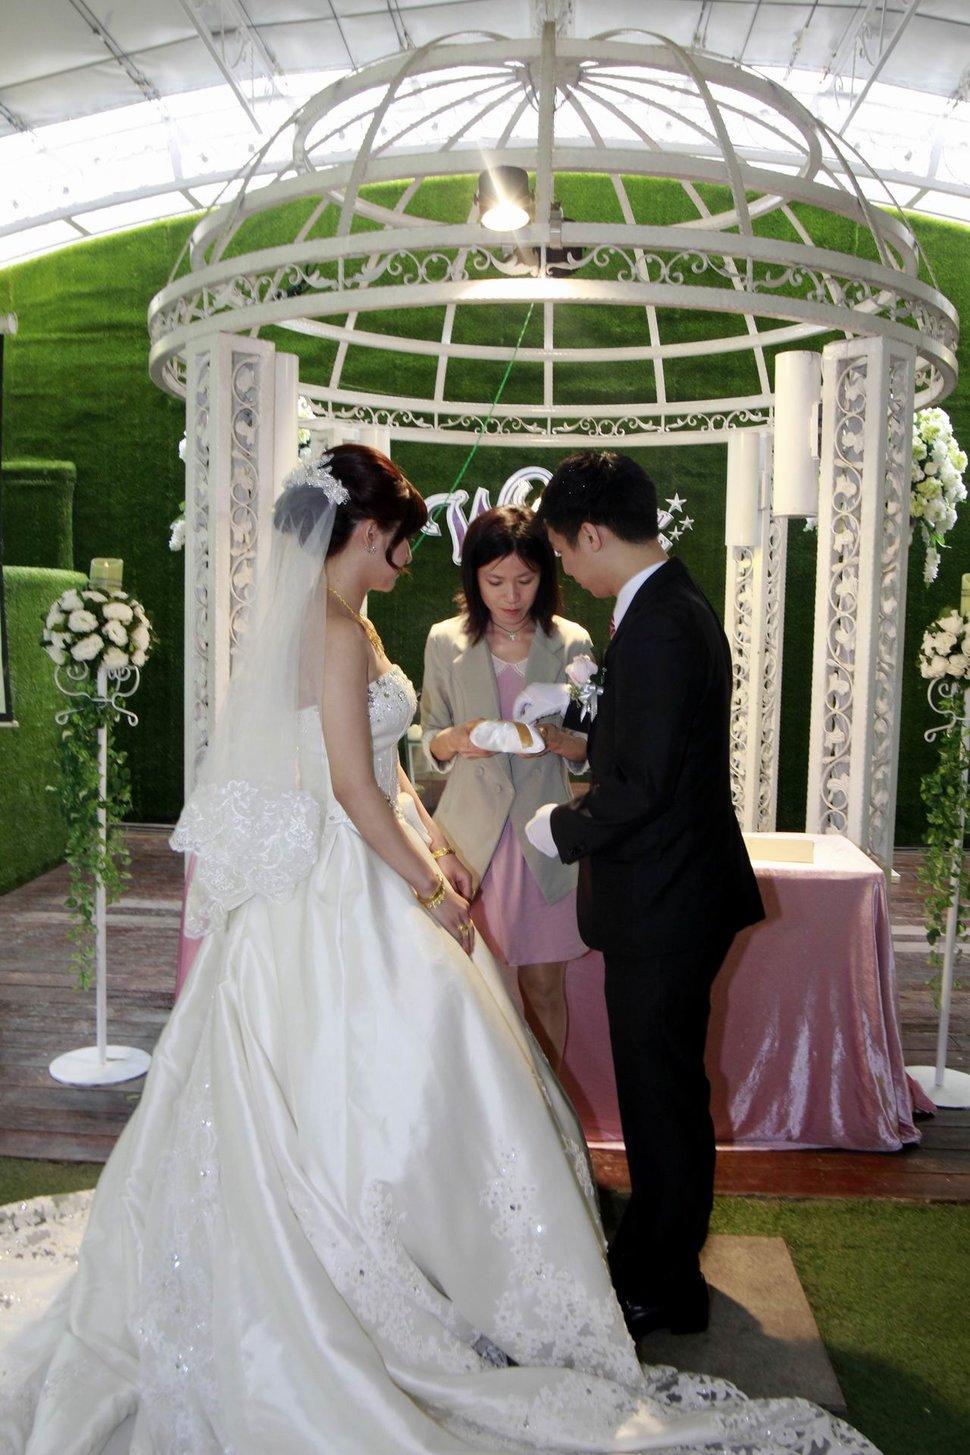 青青食尚花園會館婚禮記錄結婚迎娶婚禮記錄動態微電影錄影專業錄影平面攝影婚紗攝攝影婚禮主持人(編號:196755) - 蜜月拍照10800錄影12800攝影團隊 - 結婚吧